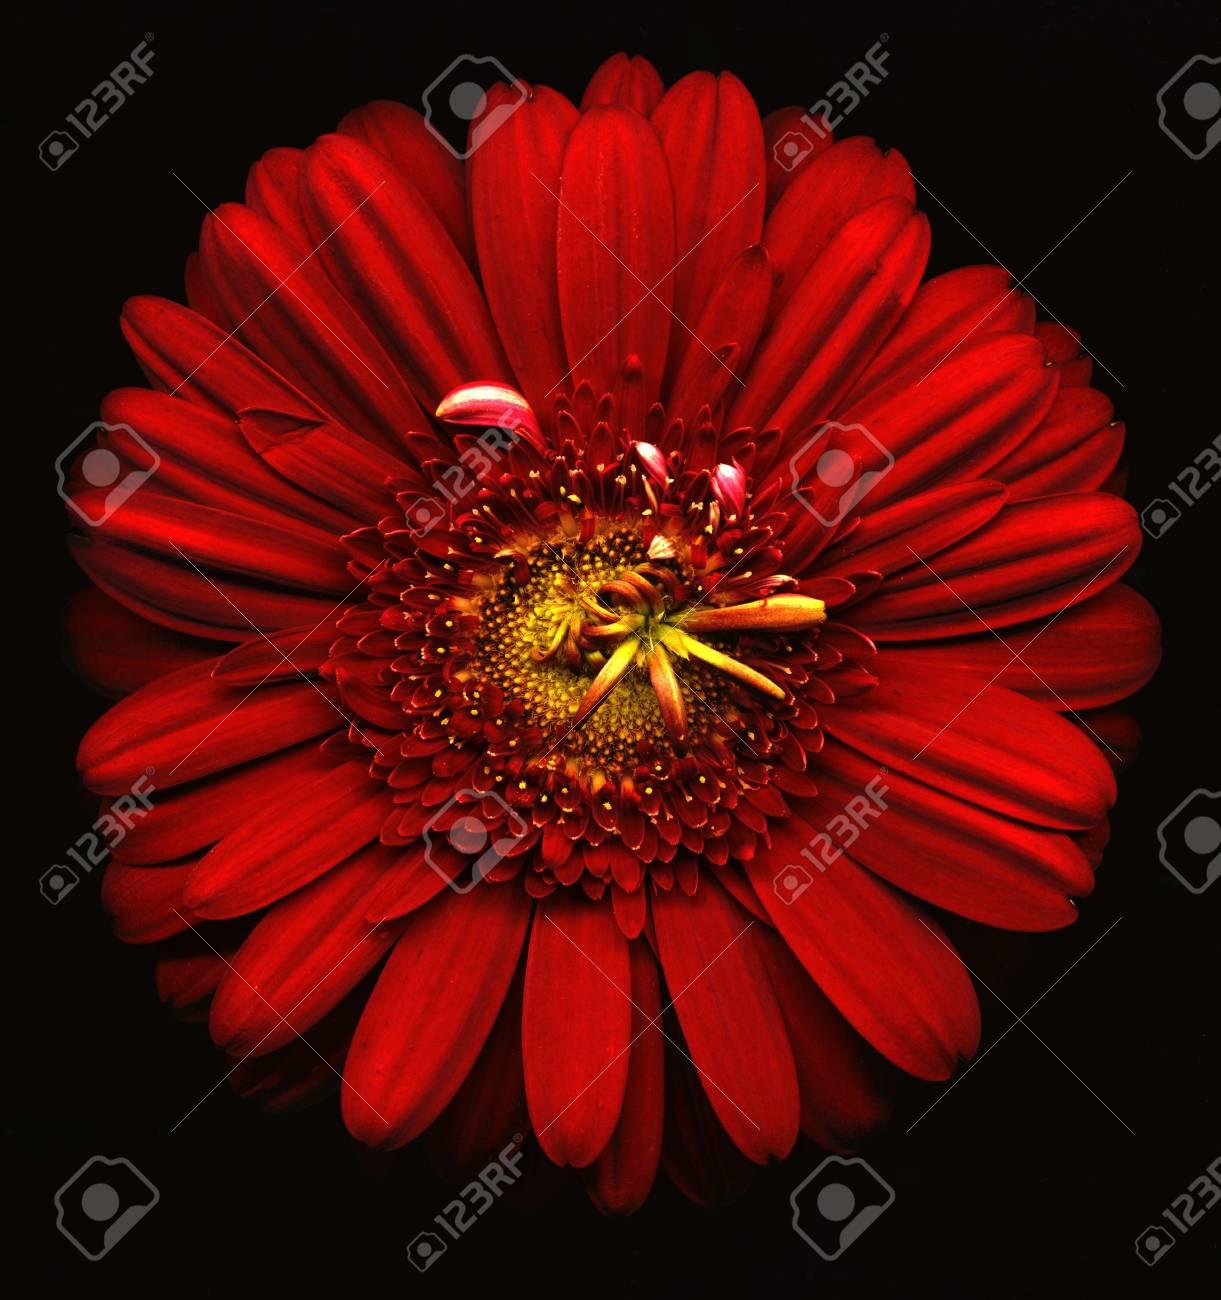 Immagini Stock Fiore Rosso Su Sfondo Nero Image 12587009